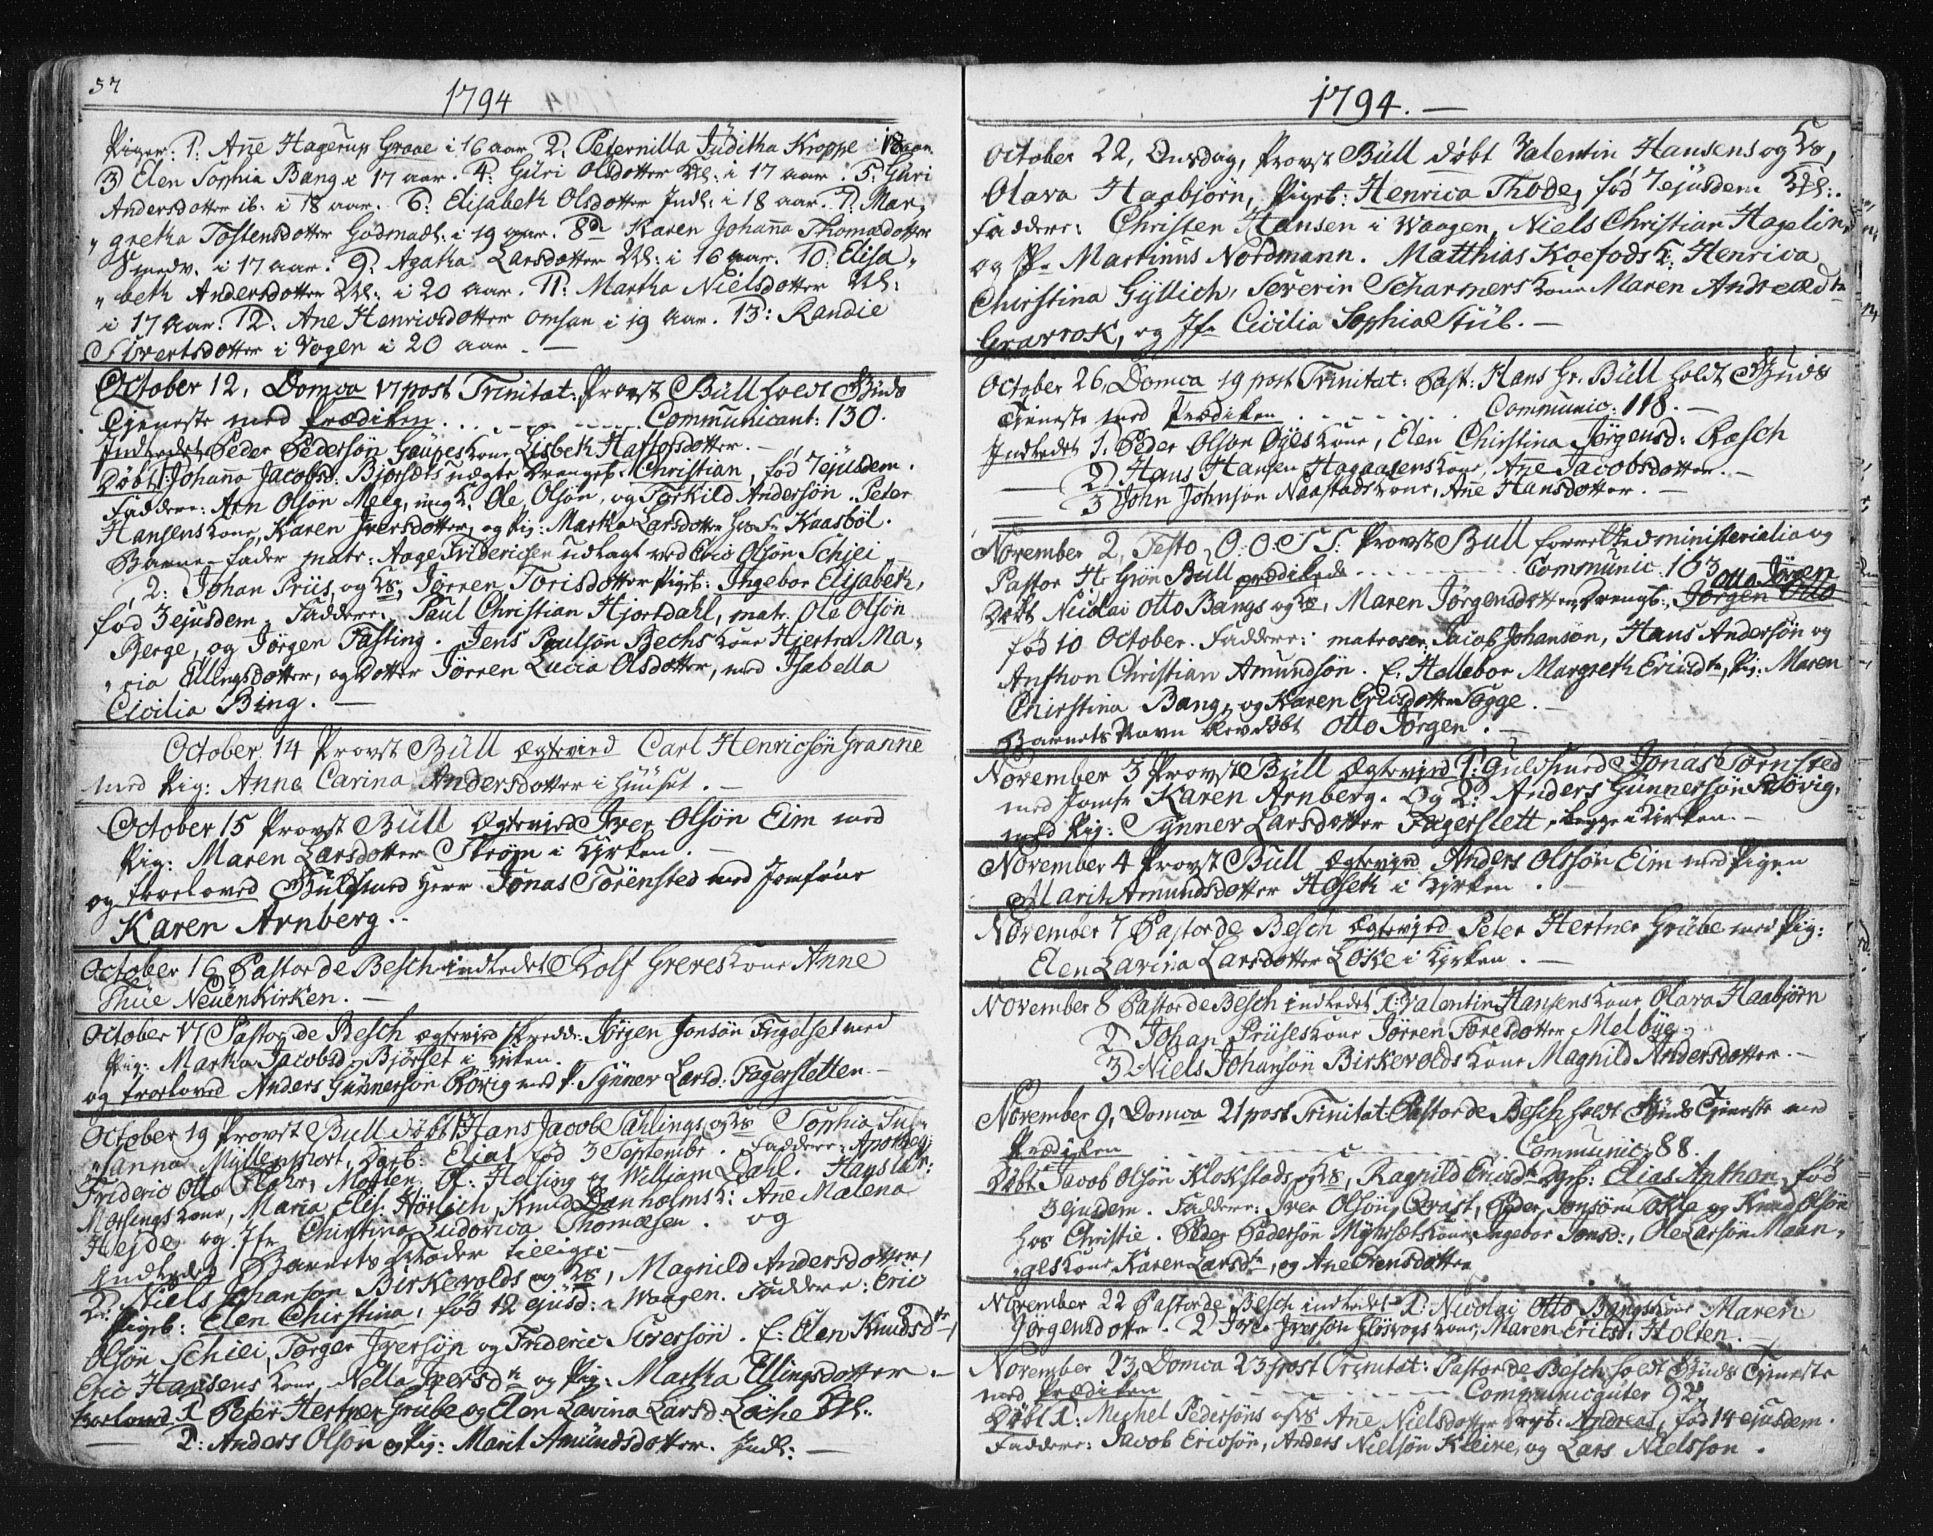 SAT, Ministerialprotokoller, klokkerbøker og fødselsregistre - Møre og Romsdal, 572/L0841: Parish register (official) no. 572A04, 1784-1819, p. 57